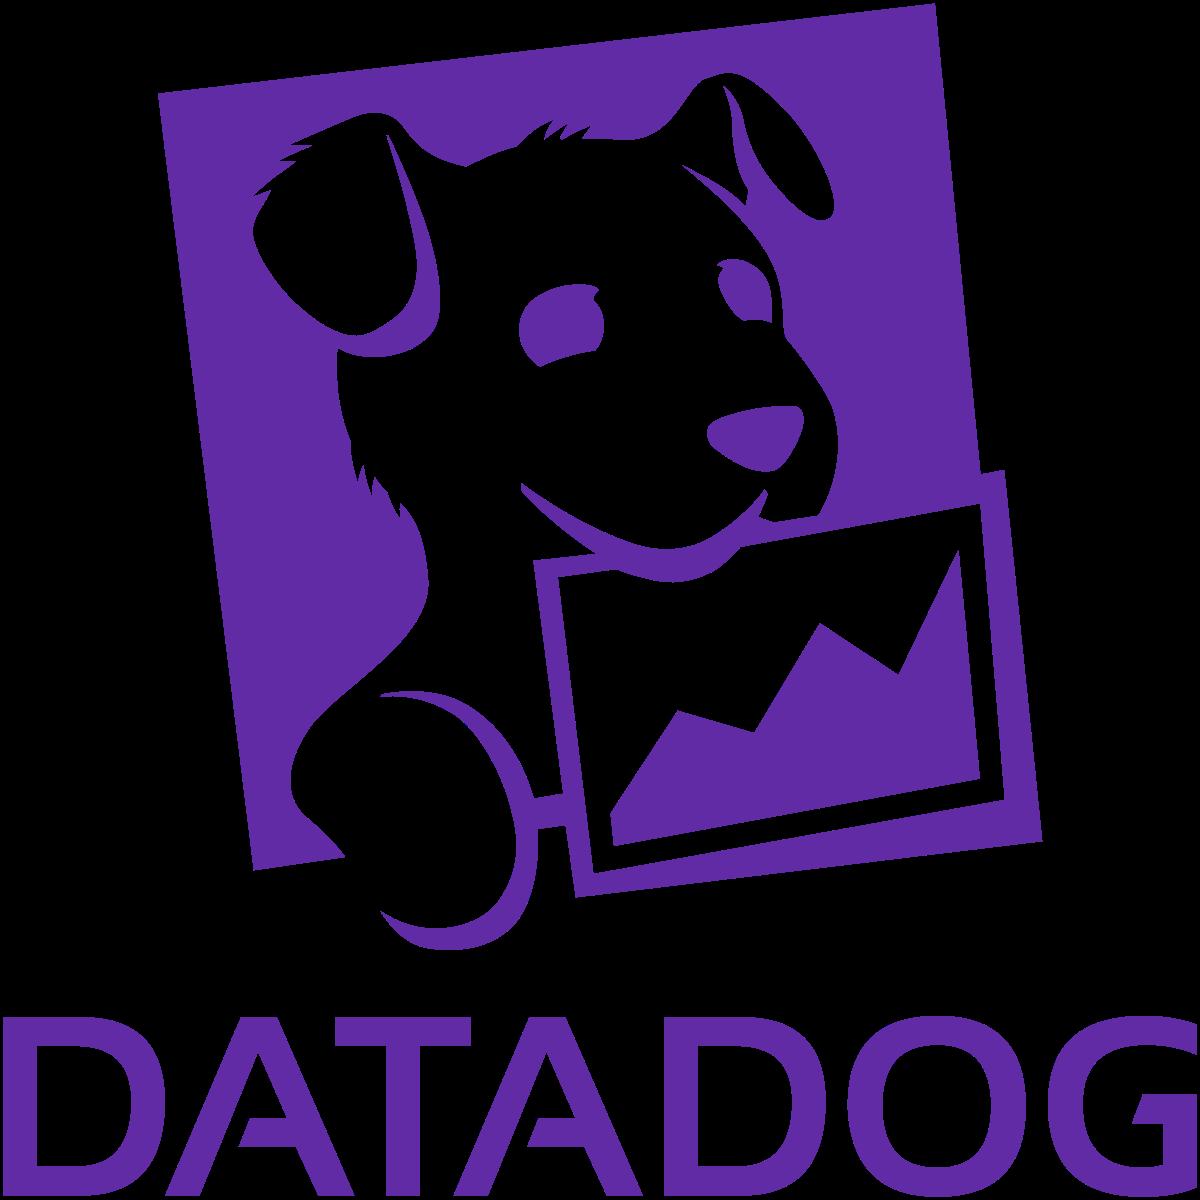 Datadog Inc